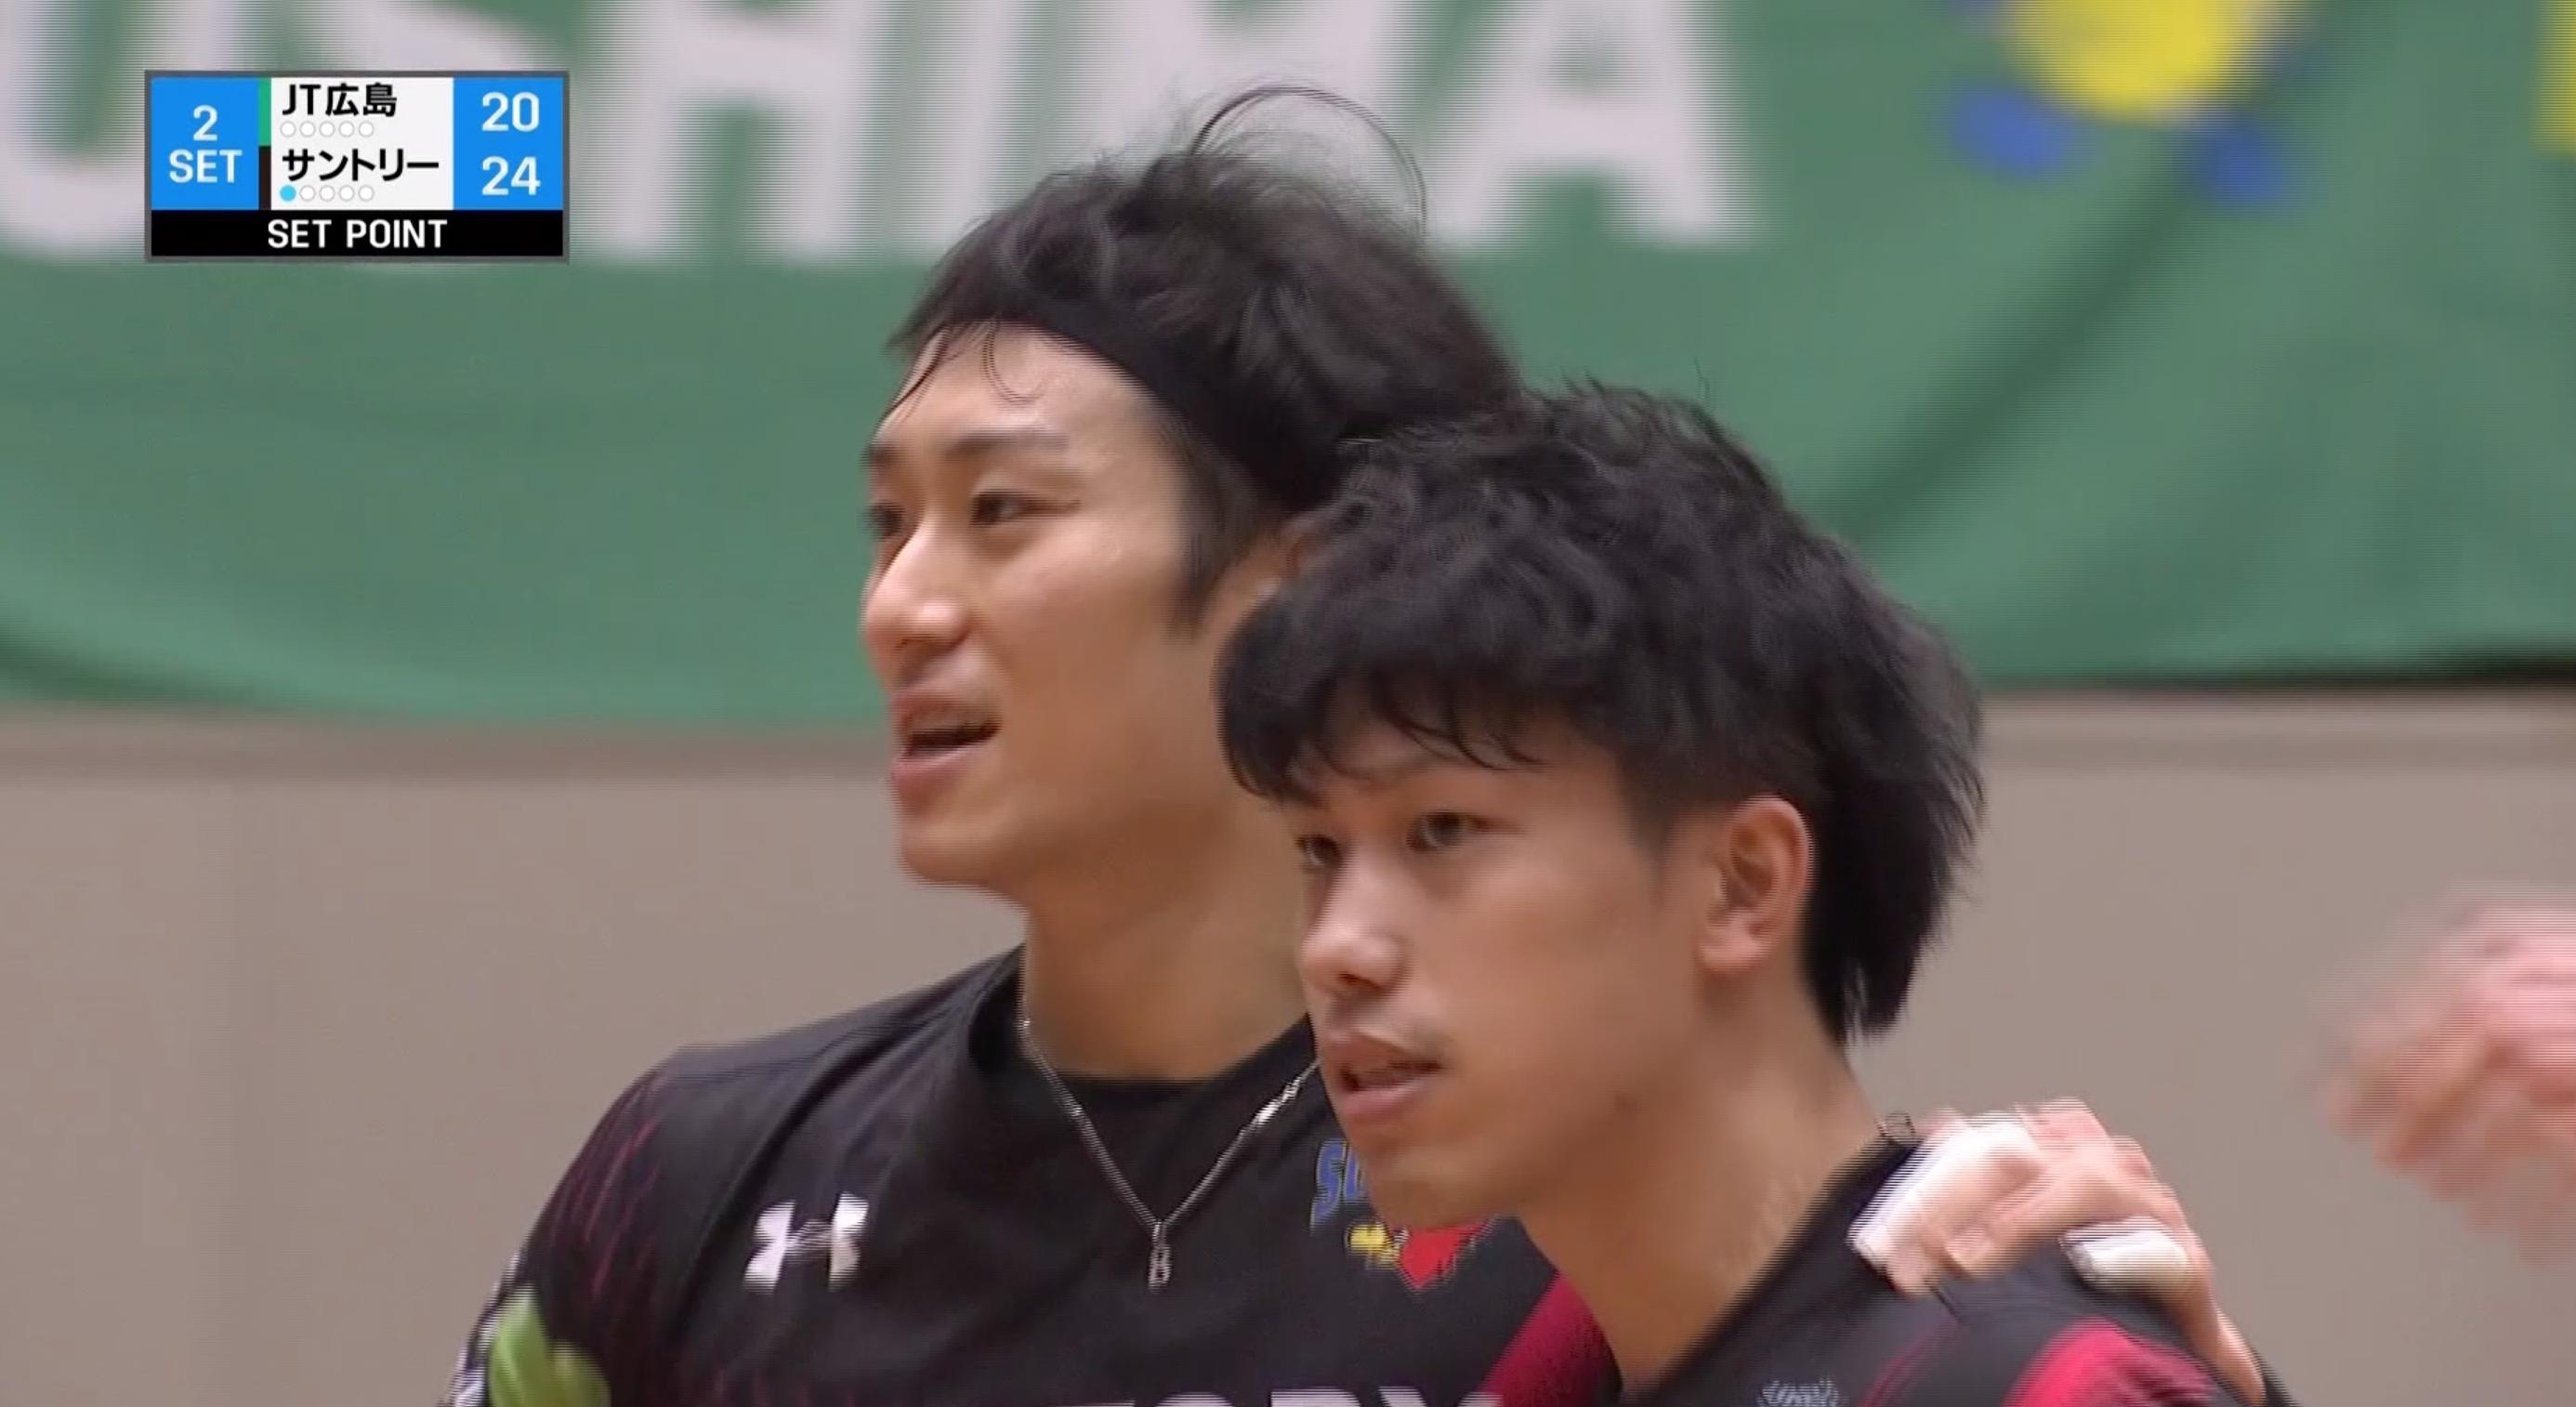 【バレー/Vリーグ】2021/2/28 ハイライト JTサンダーズ広島 vs サントリーサンバーズ